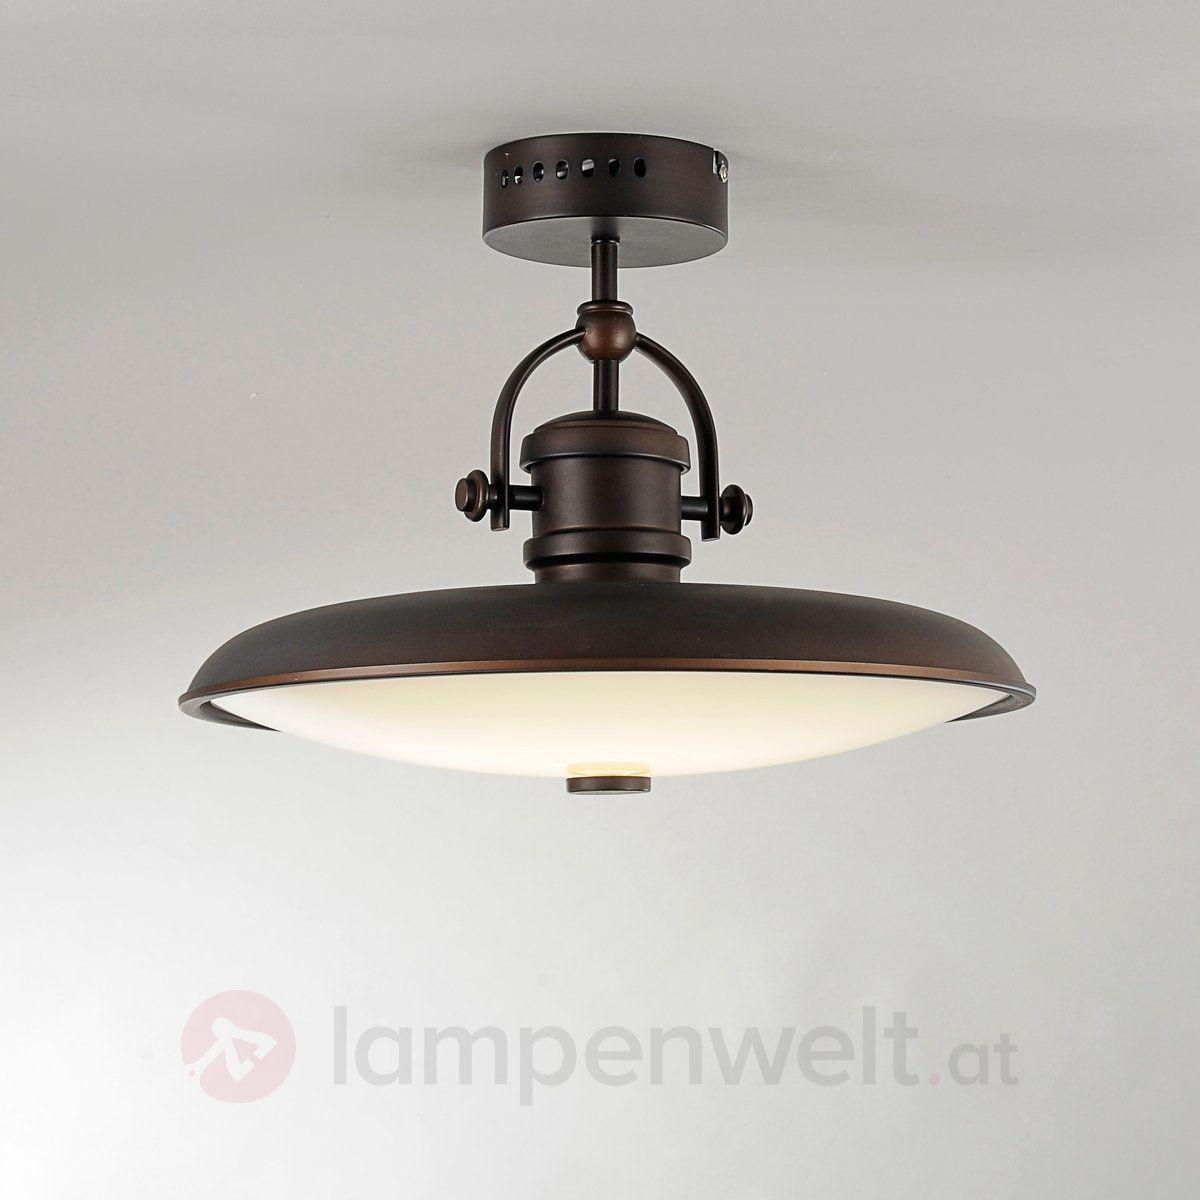 Rustikale LED-Deckenlampe Svende  €140  Vorzimmer